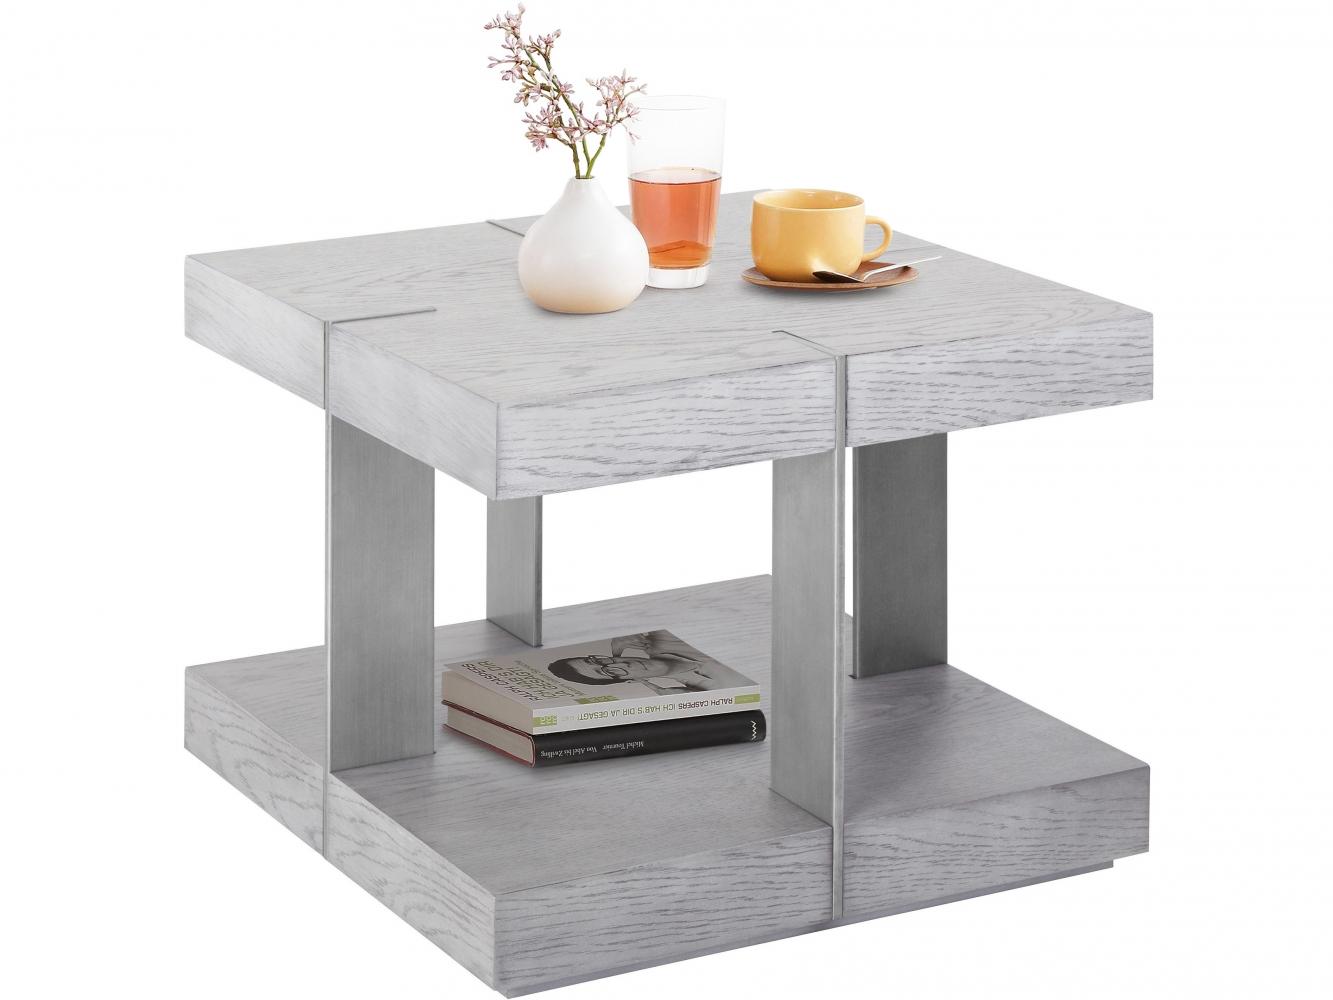 Konferenční stolek Veranzo, 50 cm, stříbrná